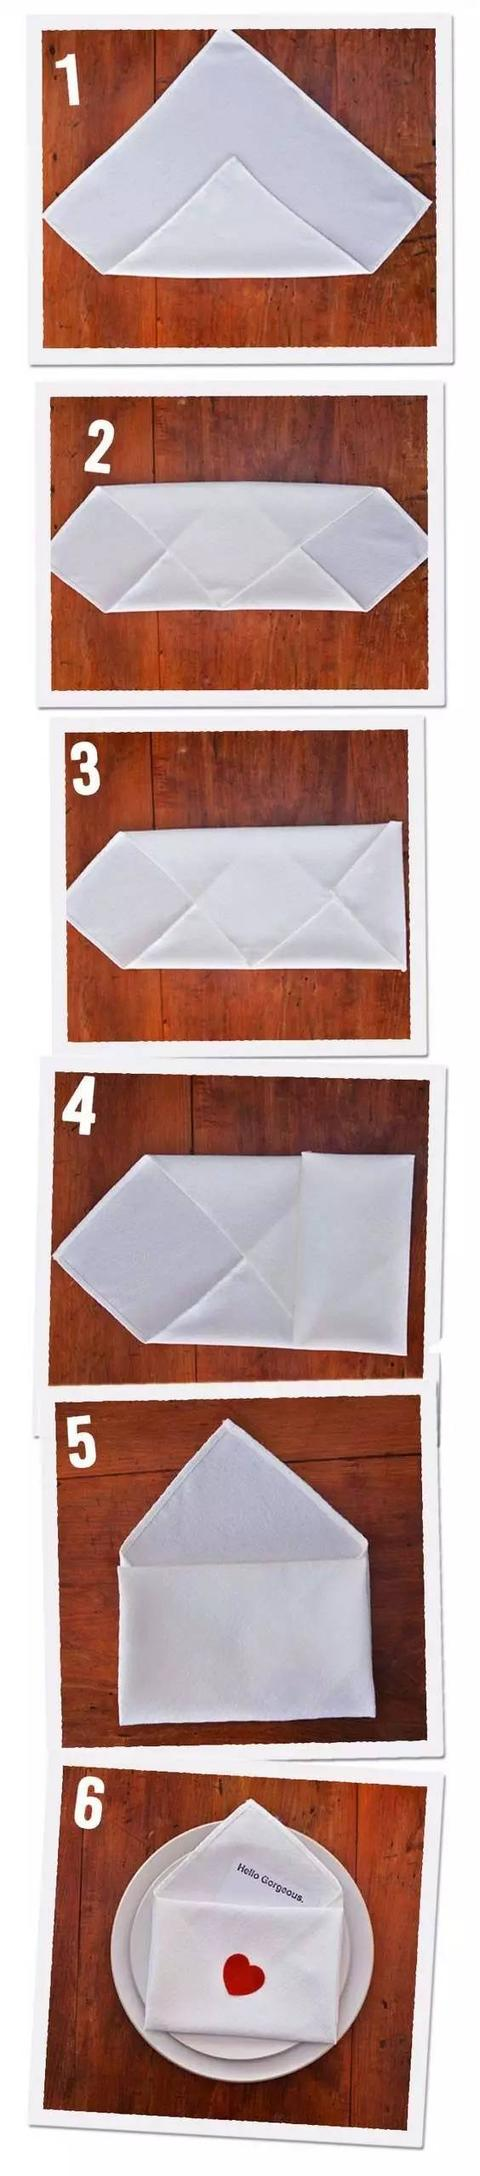 生活需要儀式感! 7款餐巾疊法,讓餐桌更具詩意